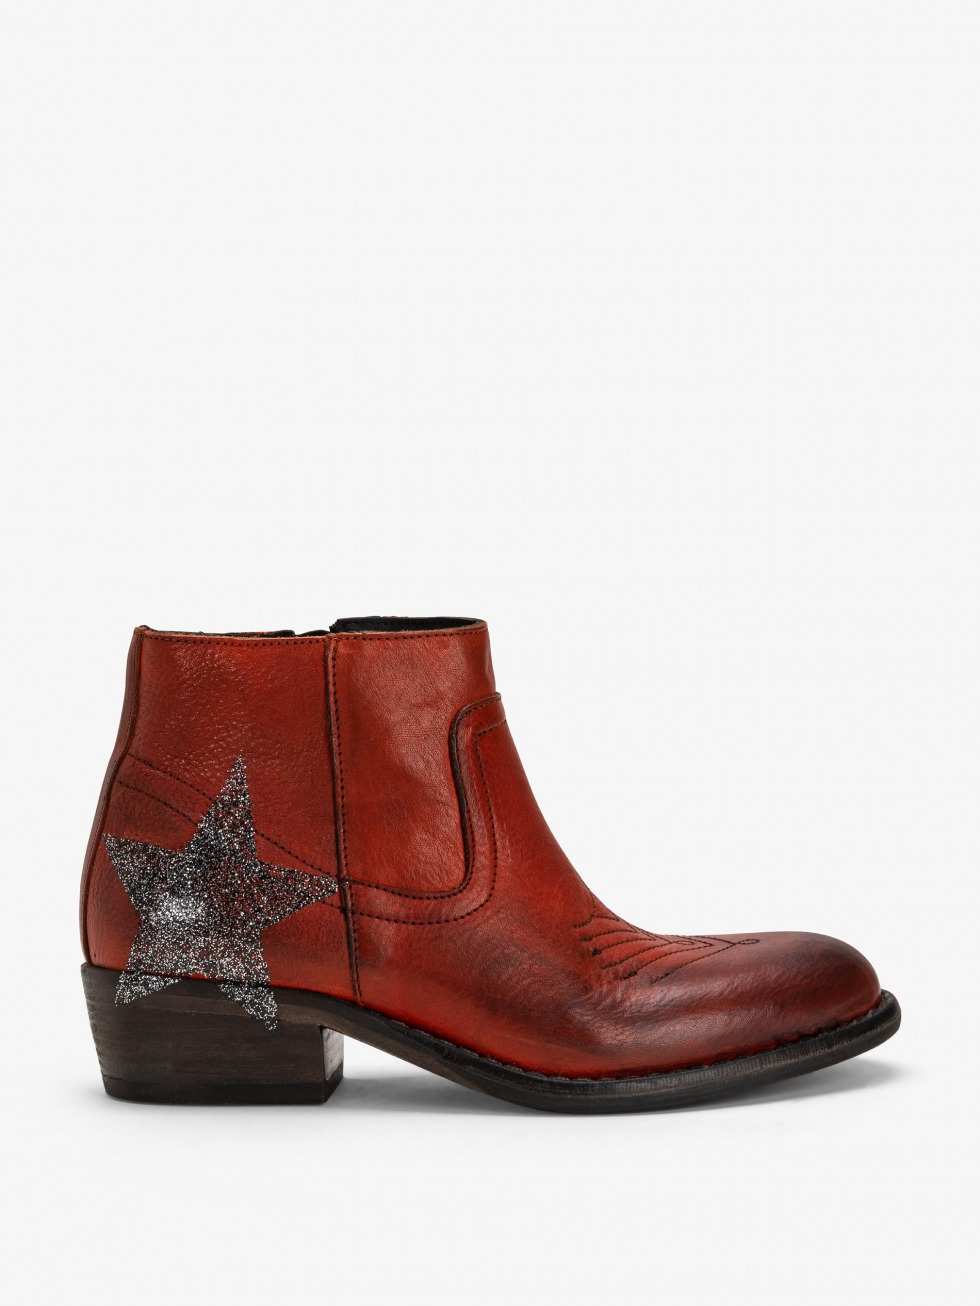 Mojito Boots Sparkle Rust - Star